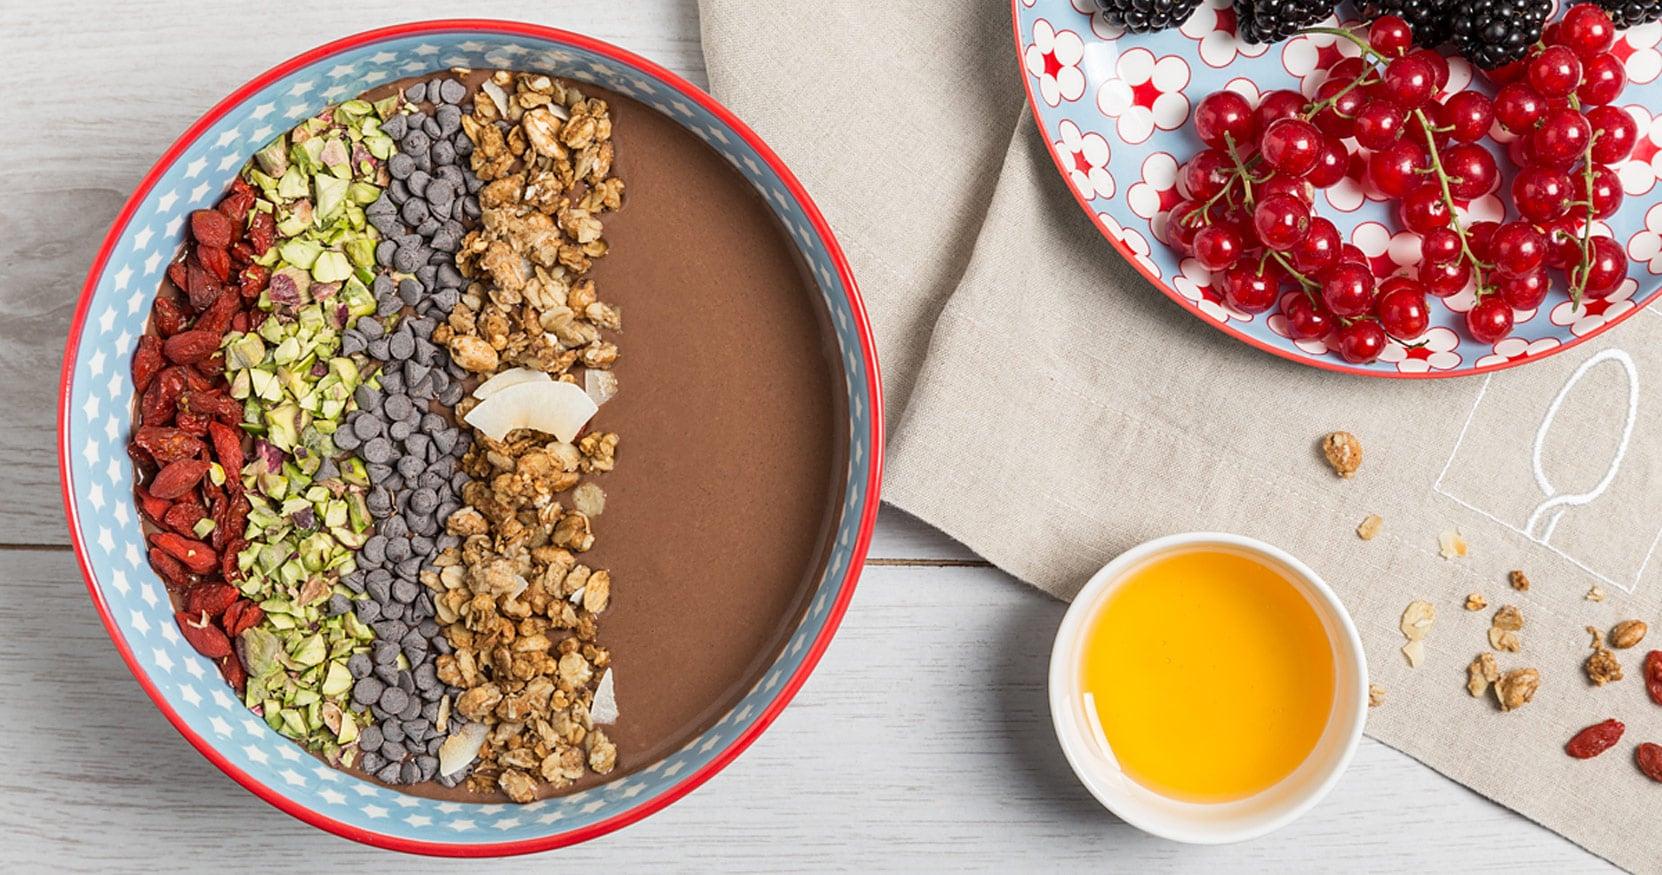 [VIDEO] Smoothie bowl al cioccolato e banana